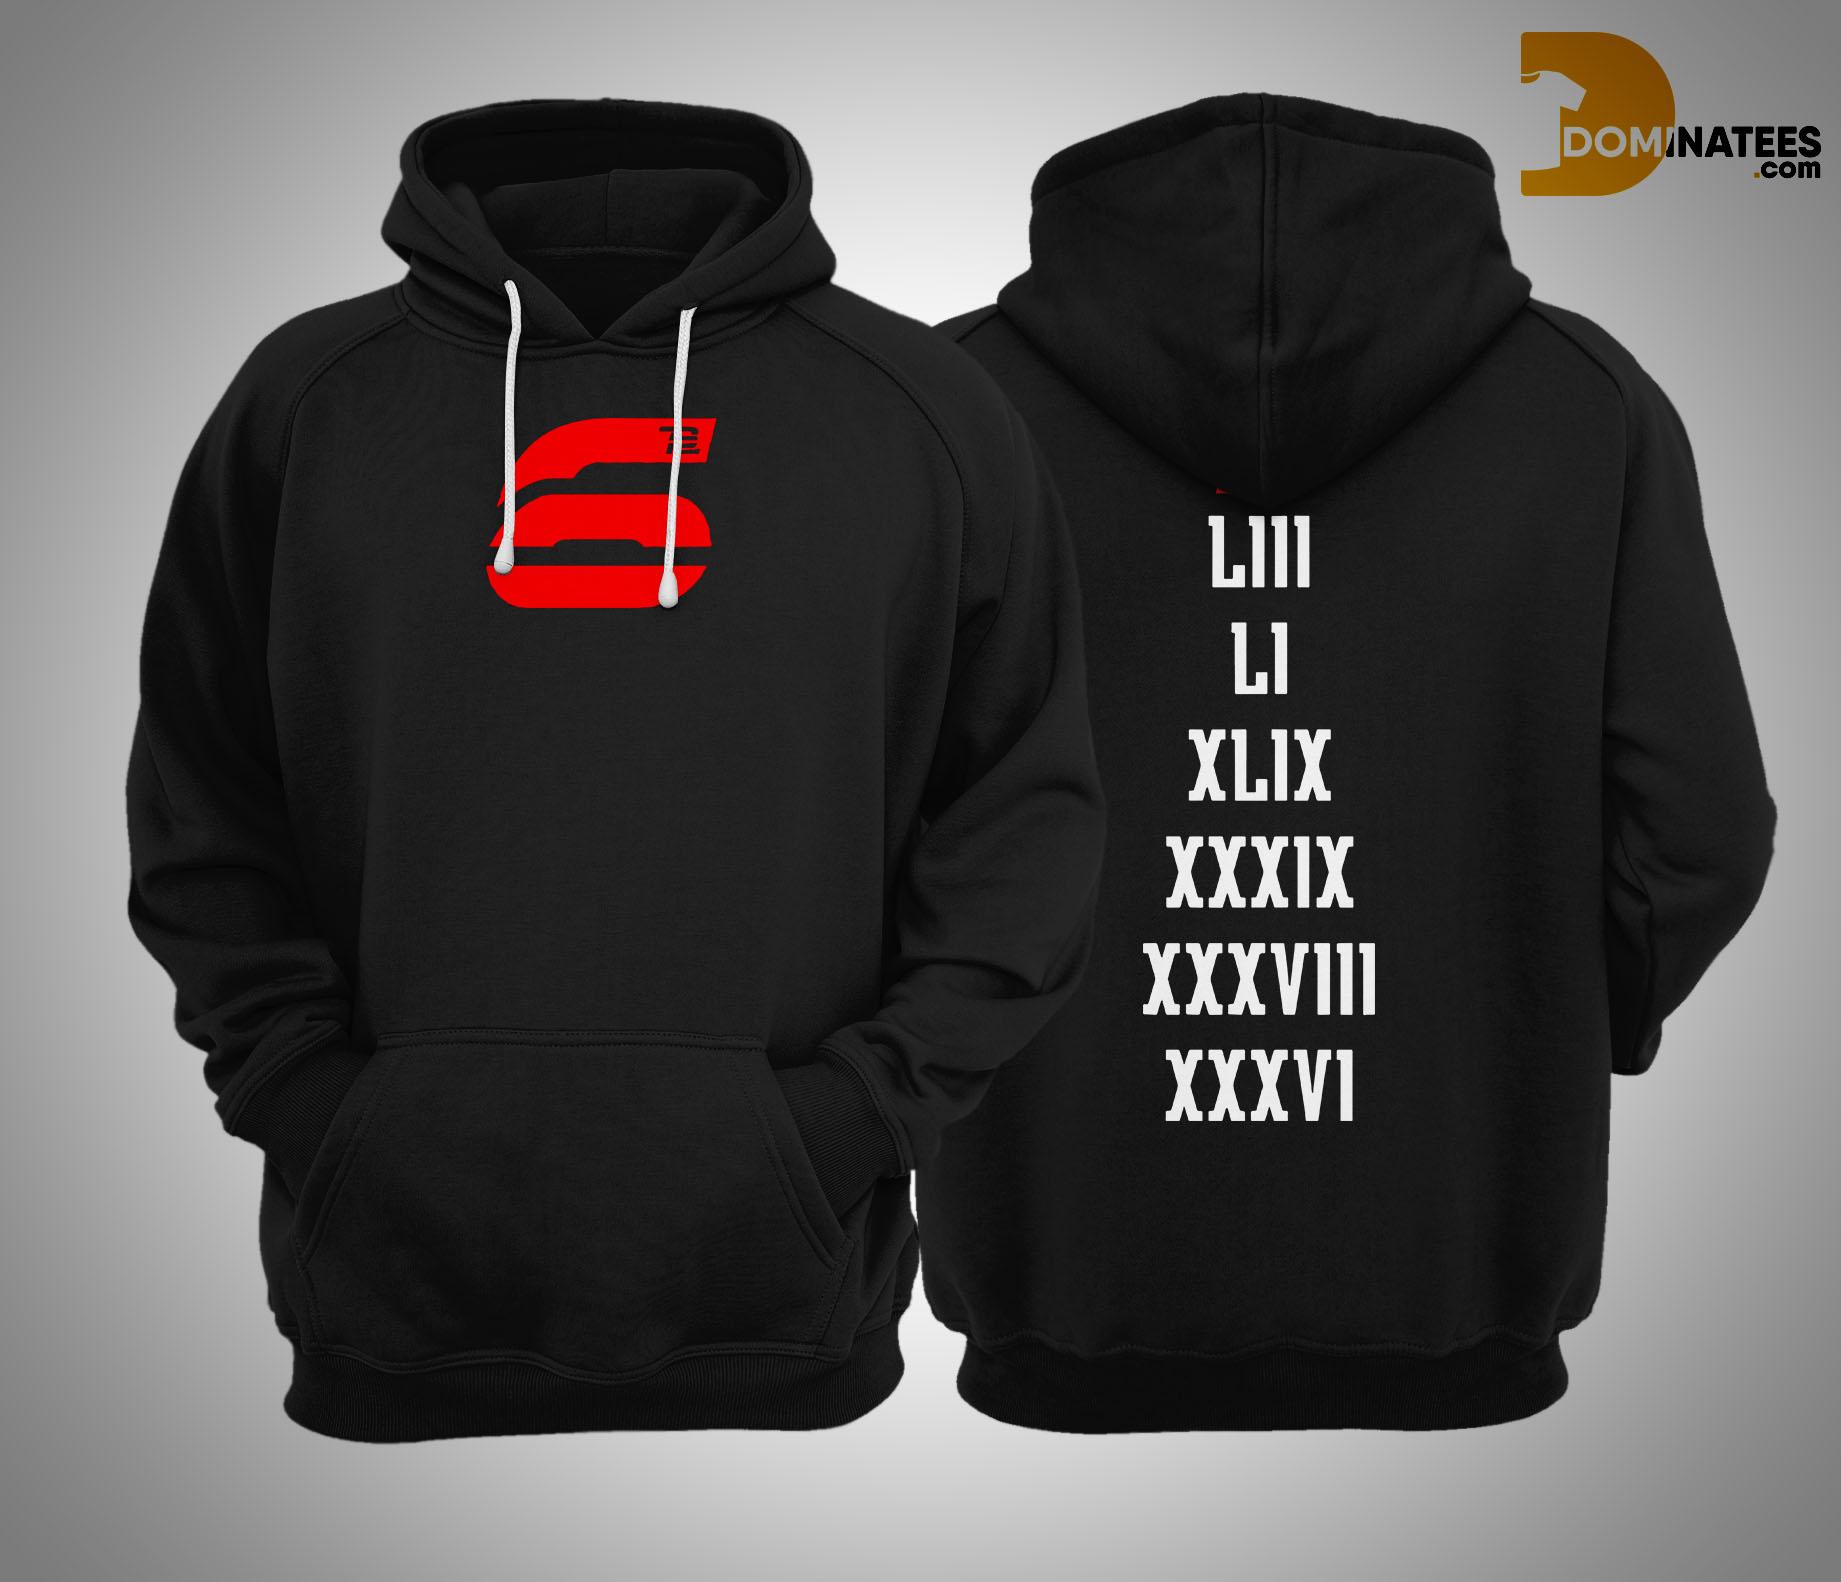 tb12 6 hoodie